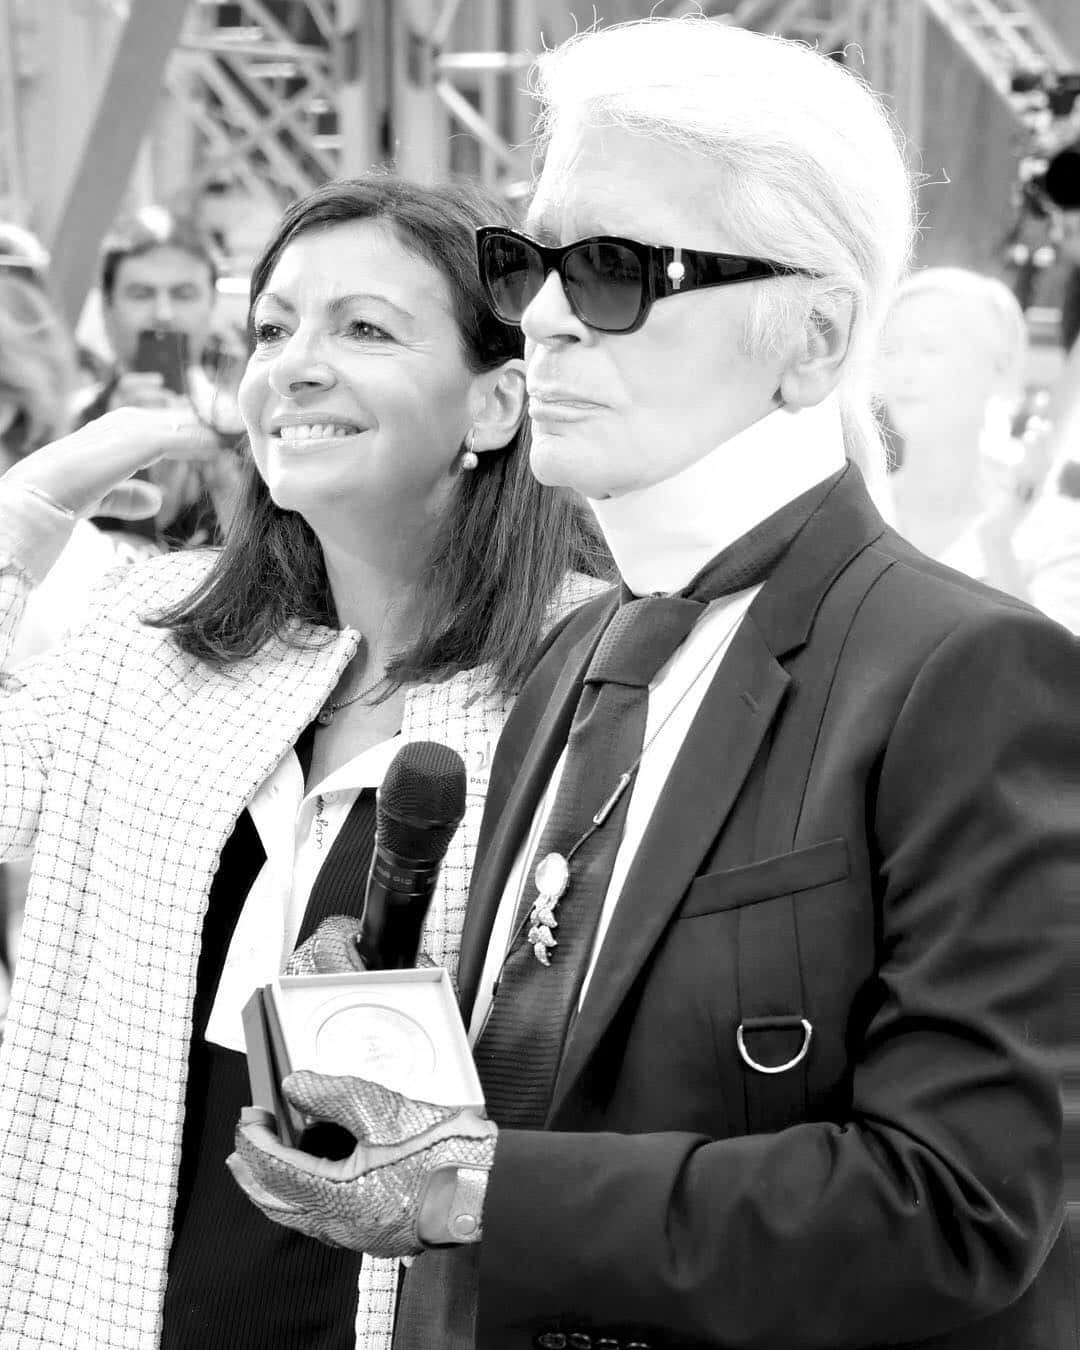 Karl Lagerfeld Raih Penghormatan Tertinggi dari Paris